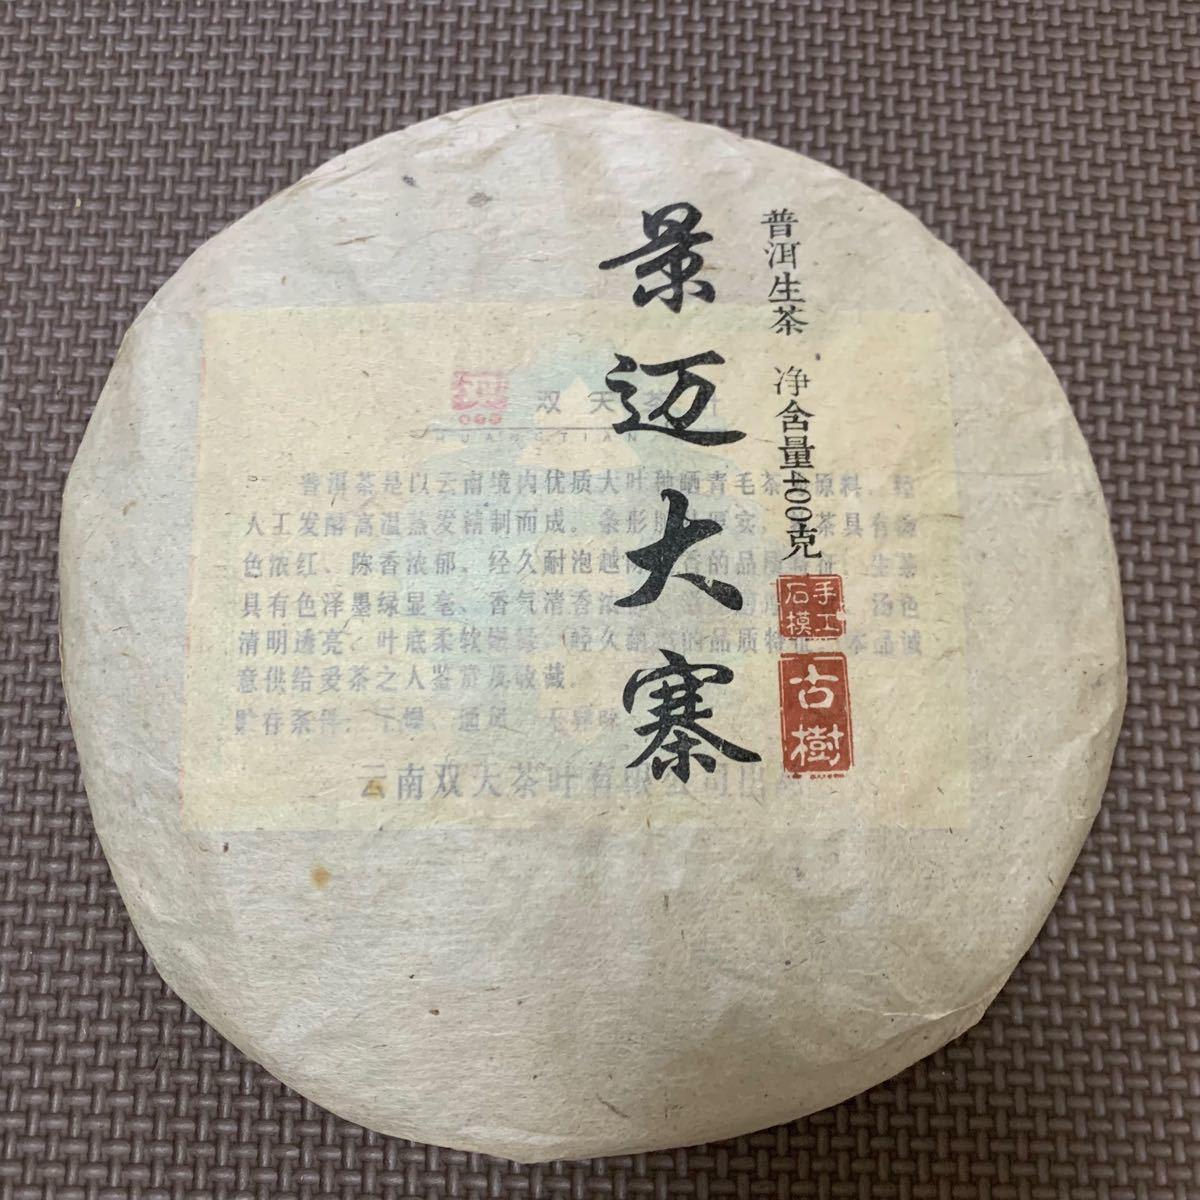 双天 2014 生茶 プーアル茶 中国茶